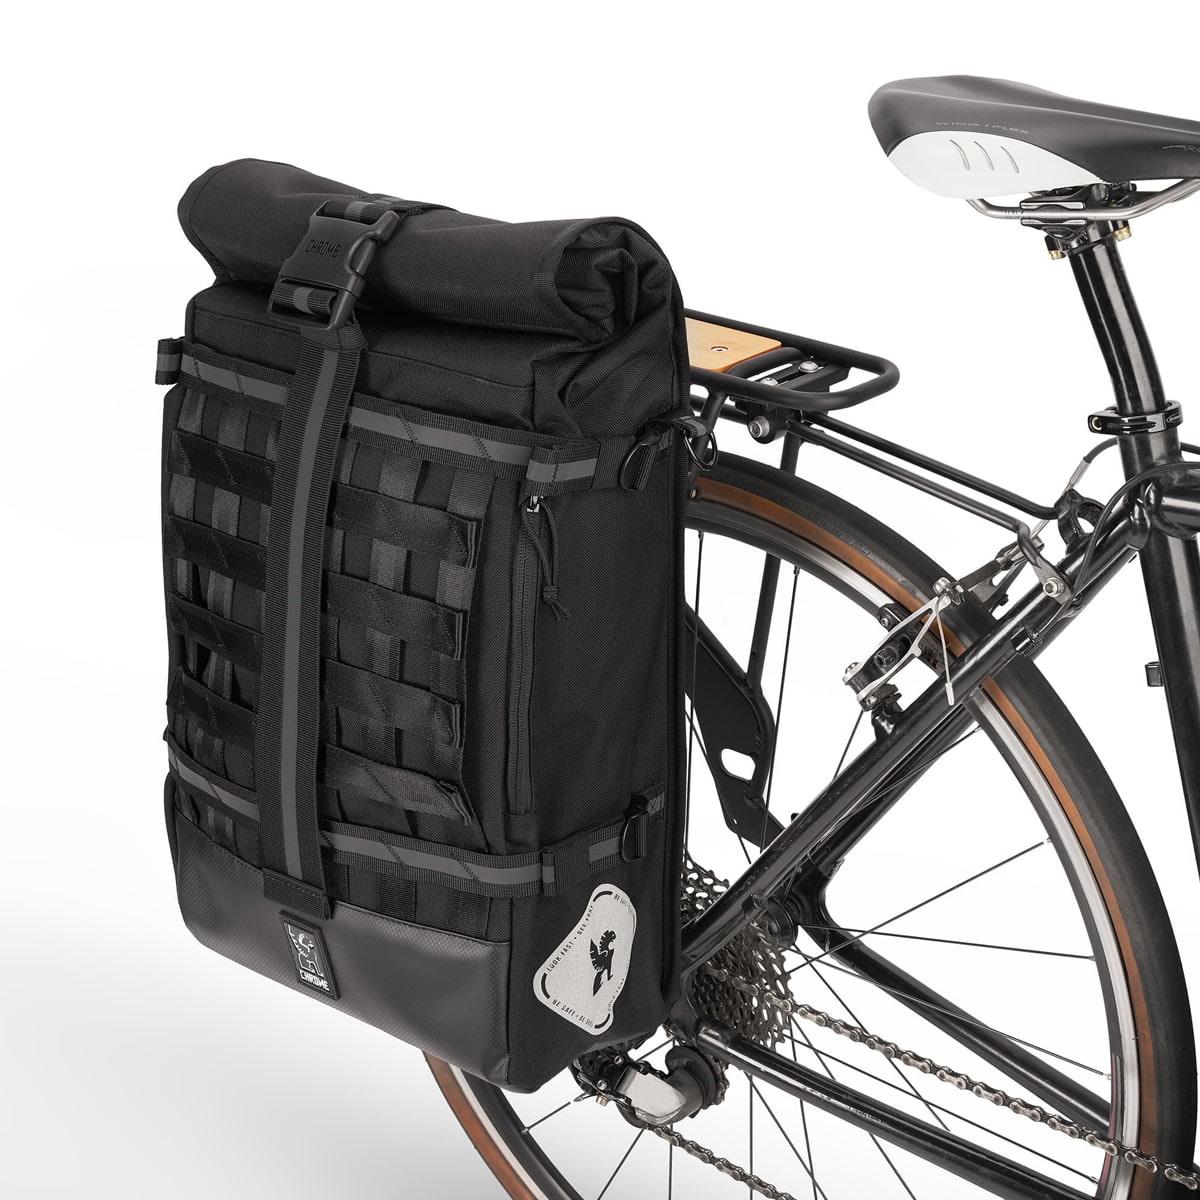 Waterproof Carrier Bag